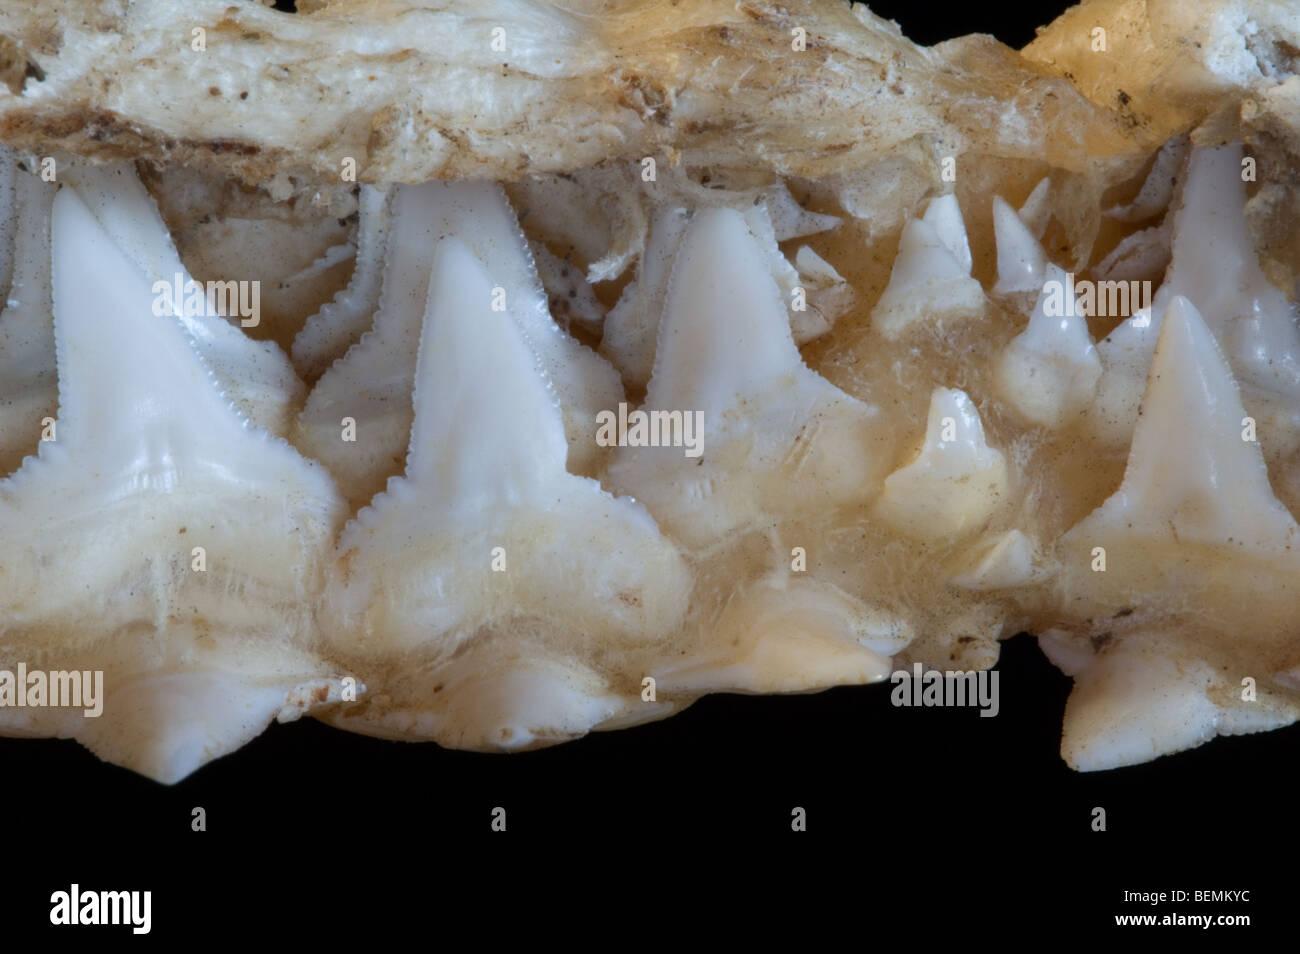 Mâchoire supérieure requin montrant plusieurs couches de dents de scie, Madagascar Banque D'Images